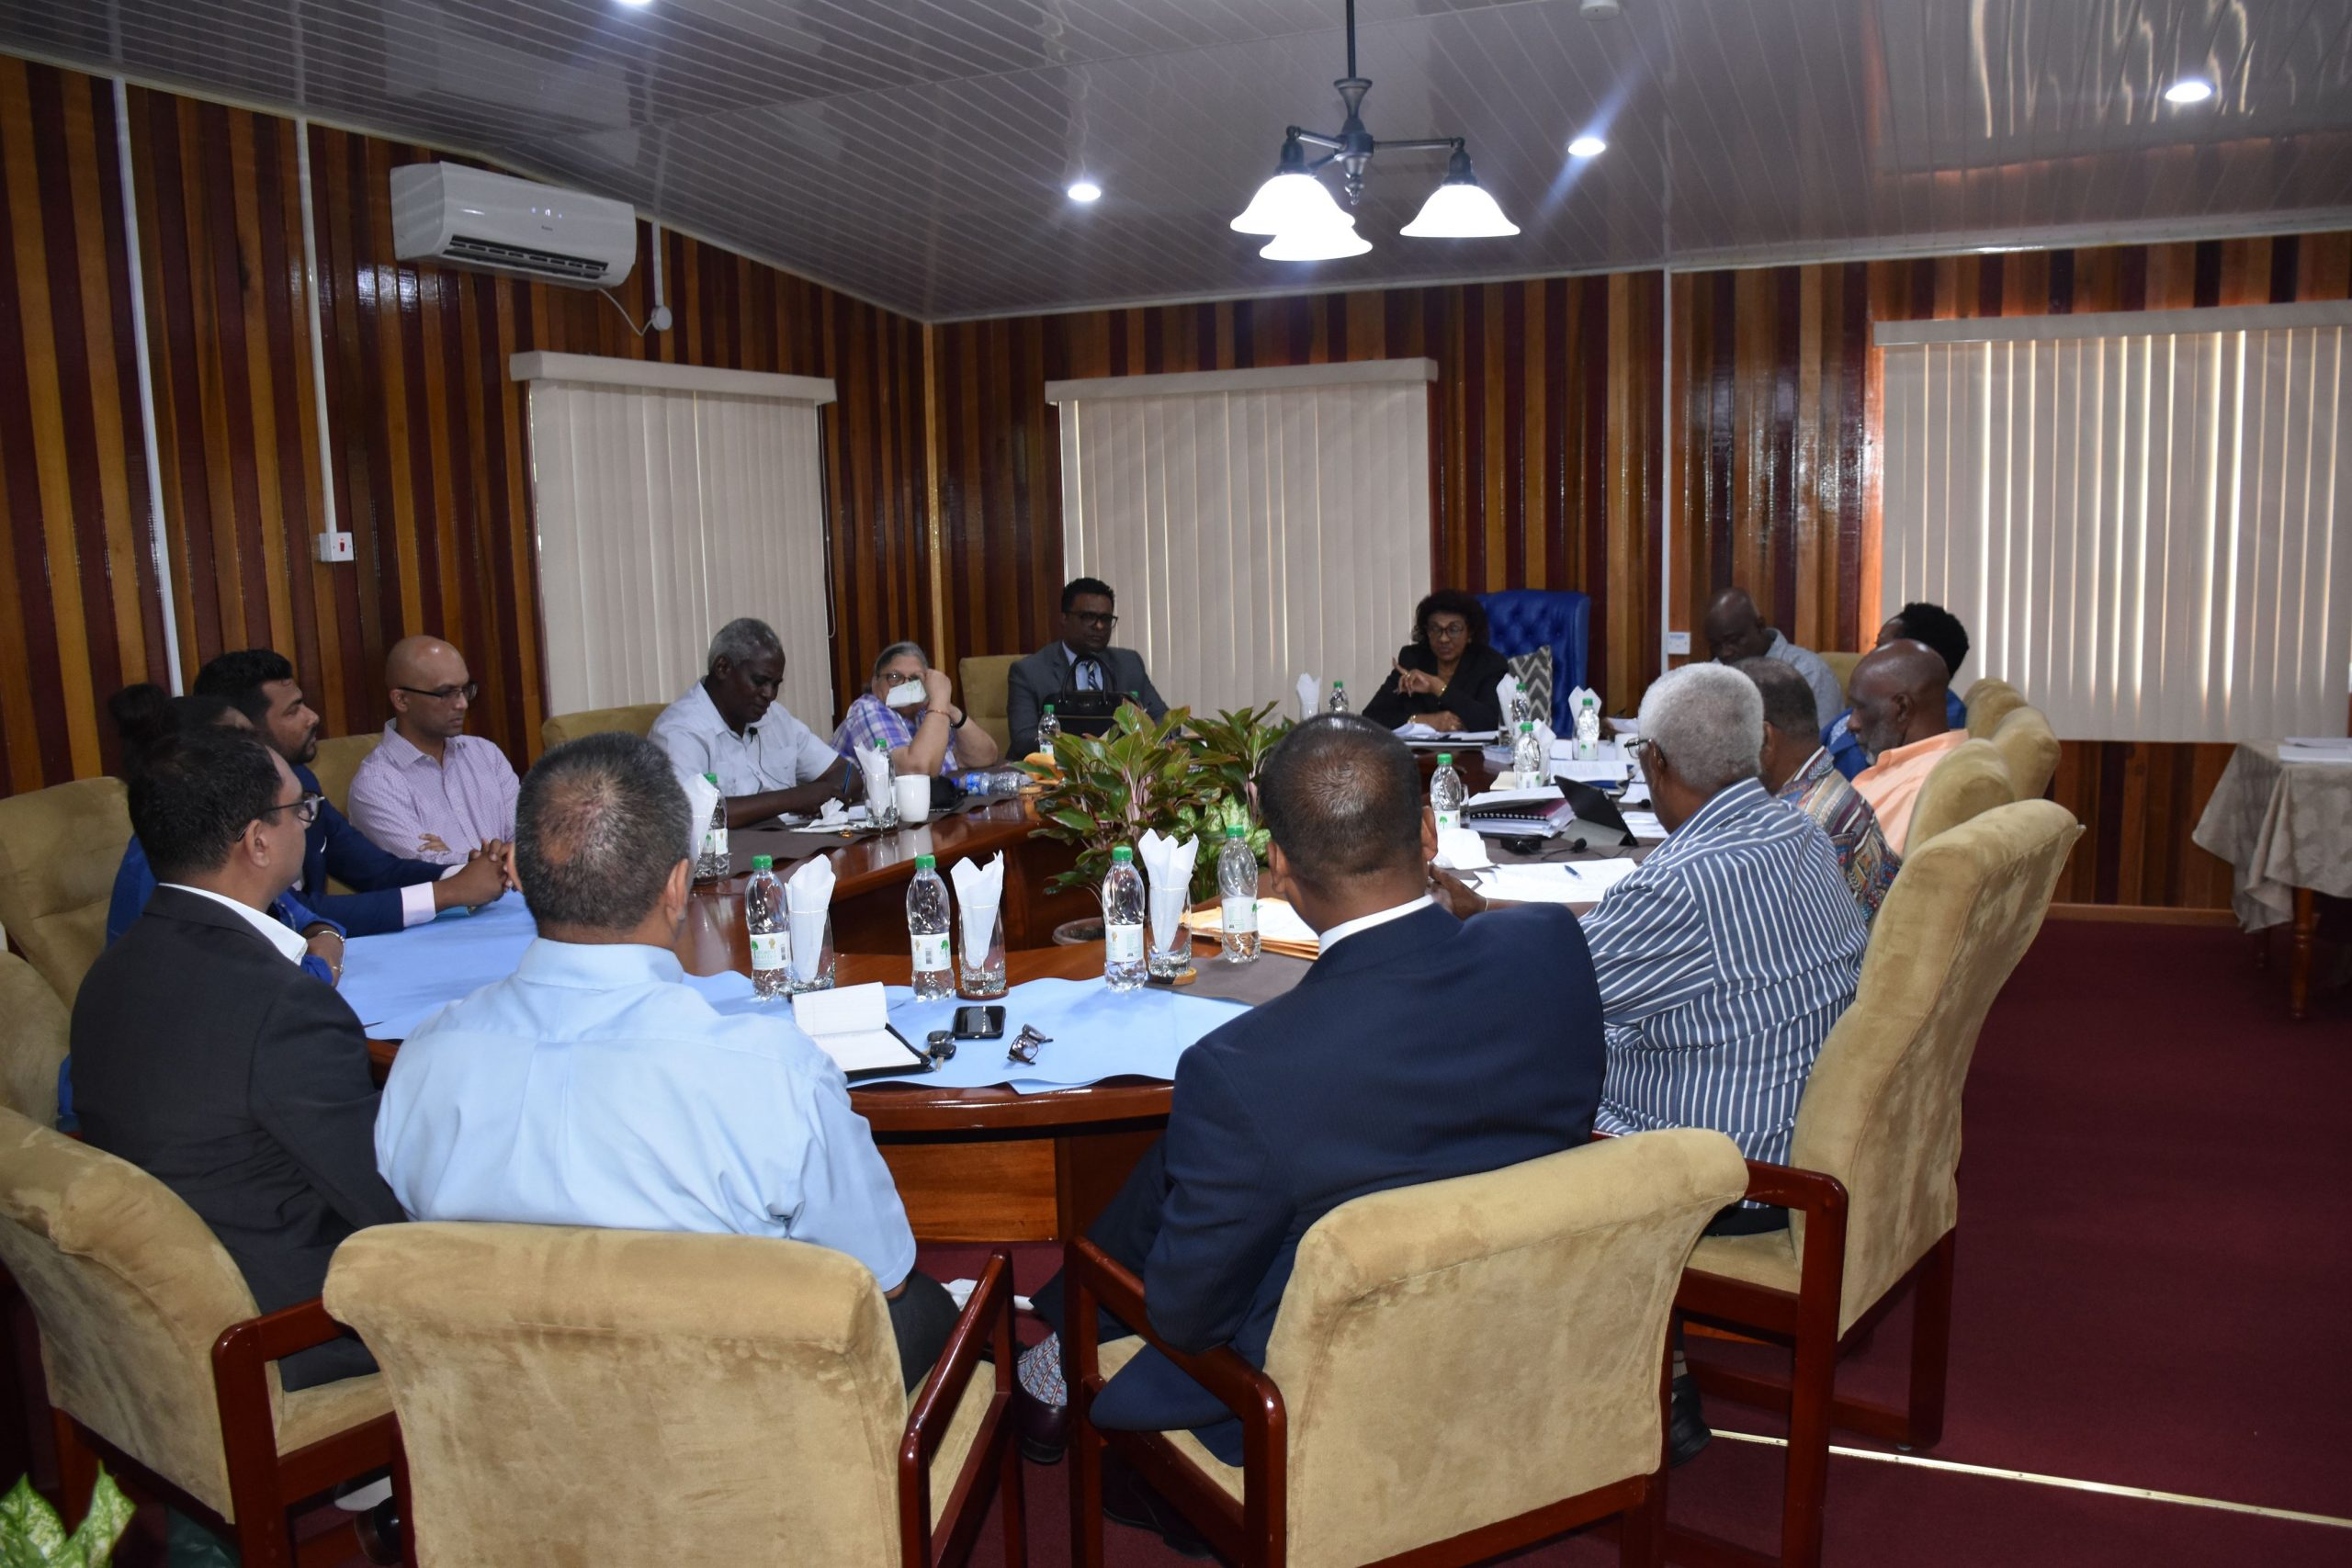 Meeting with GECOM Guyana